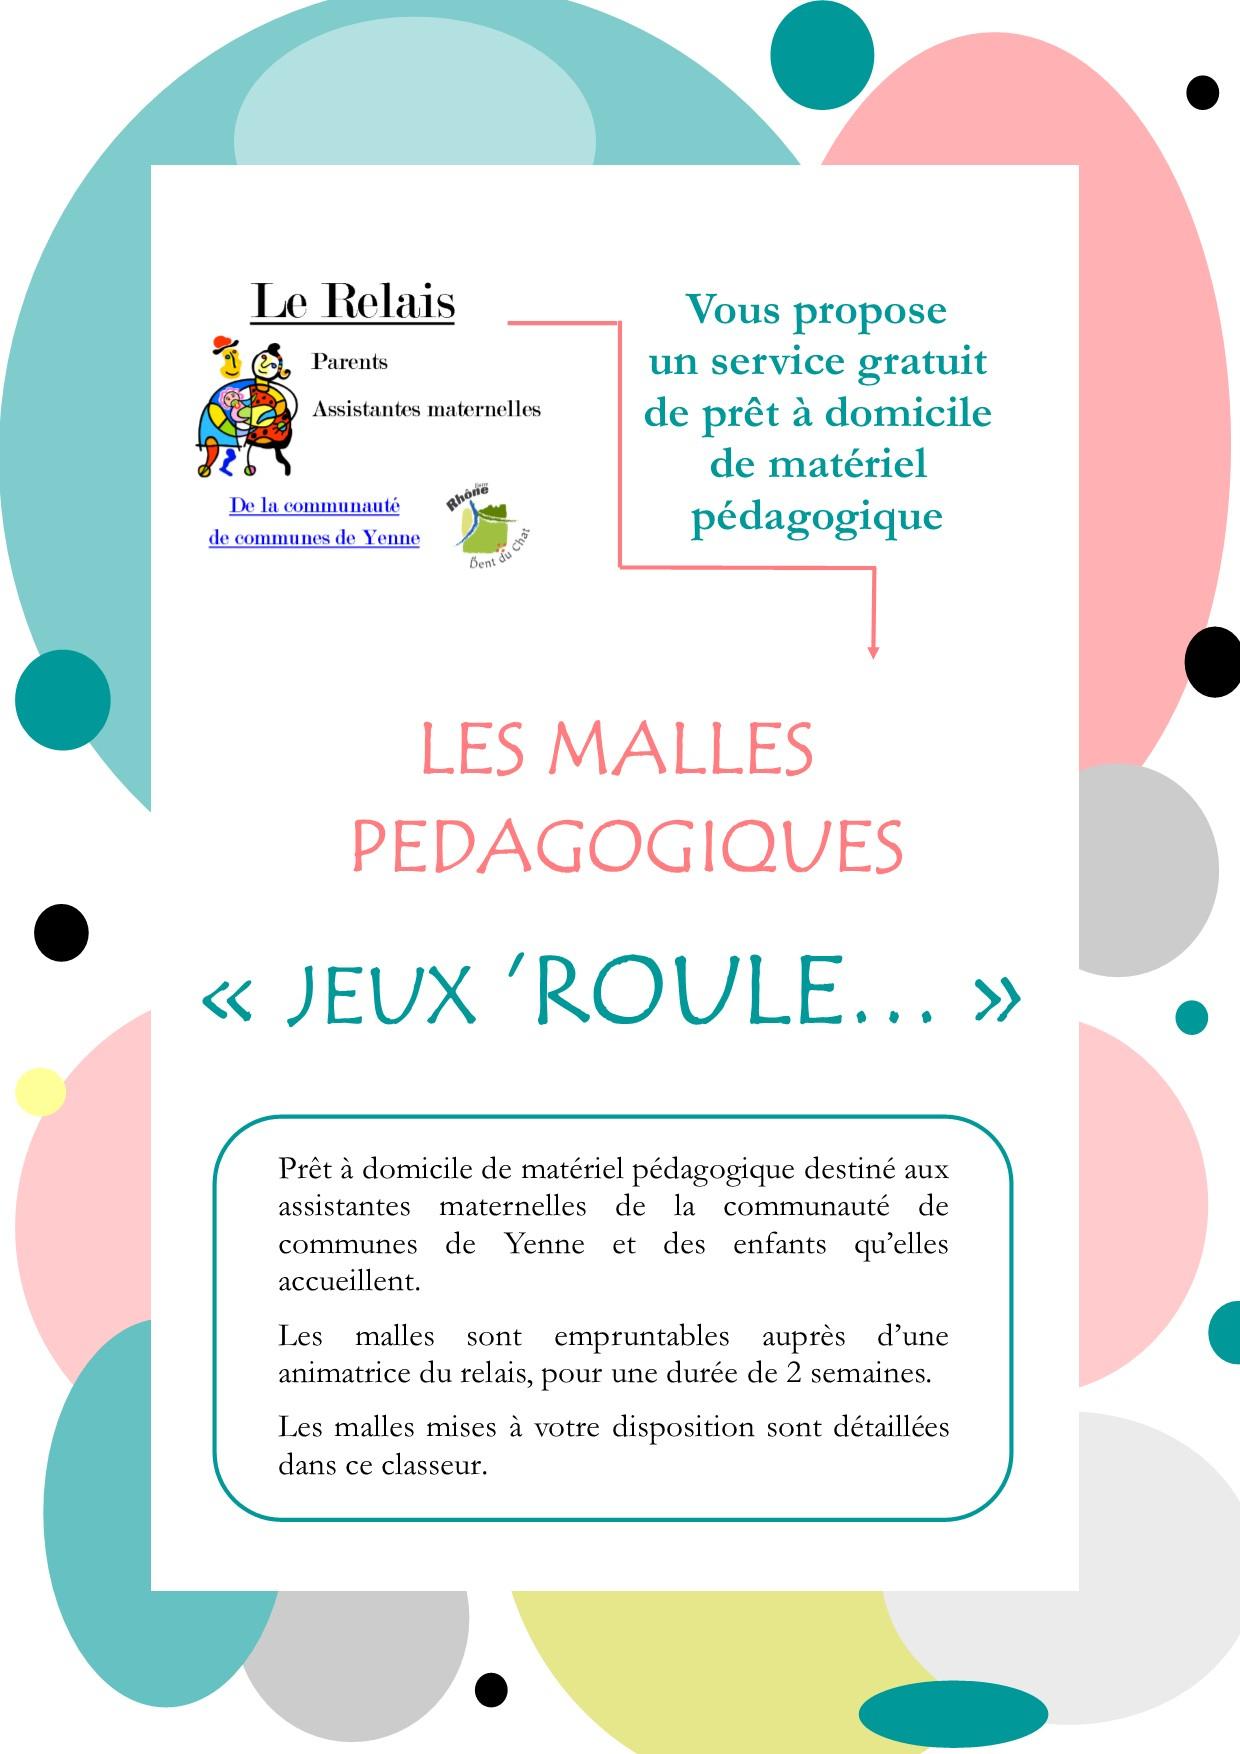 """Les Malles Pédagogiques """"jeux'roule"""" - Ejfccy concernant Jeux Pedagogique Maternelle"""